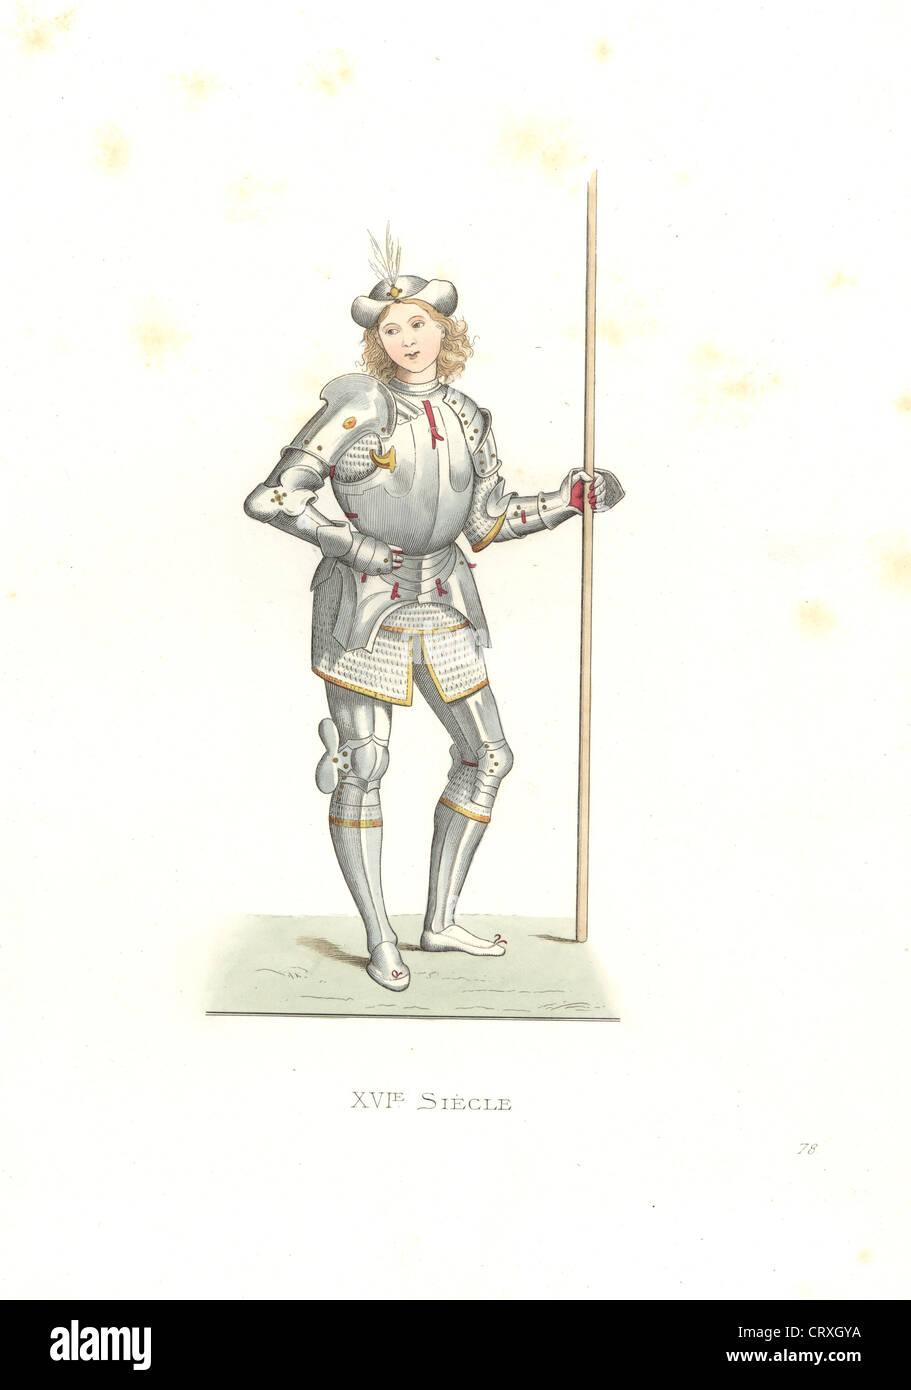 Uomo italiano di bracci, XVI secolo, dopo una illustrazione dell'artista italiano Bernardino di Benedetto, il Pinturicchio. Foto Stock